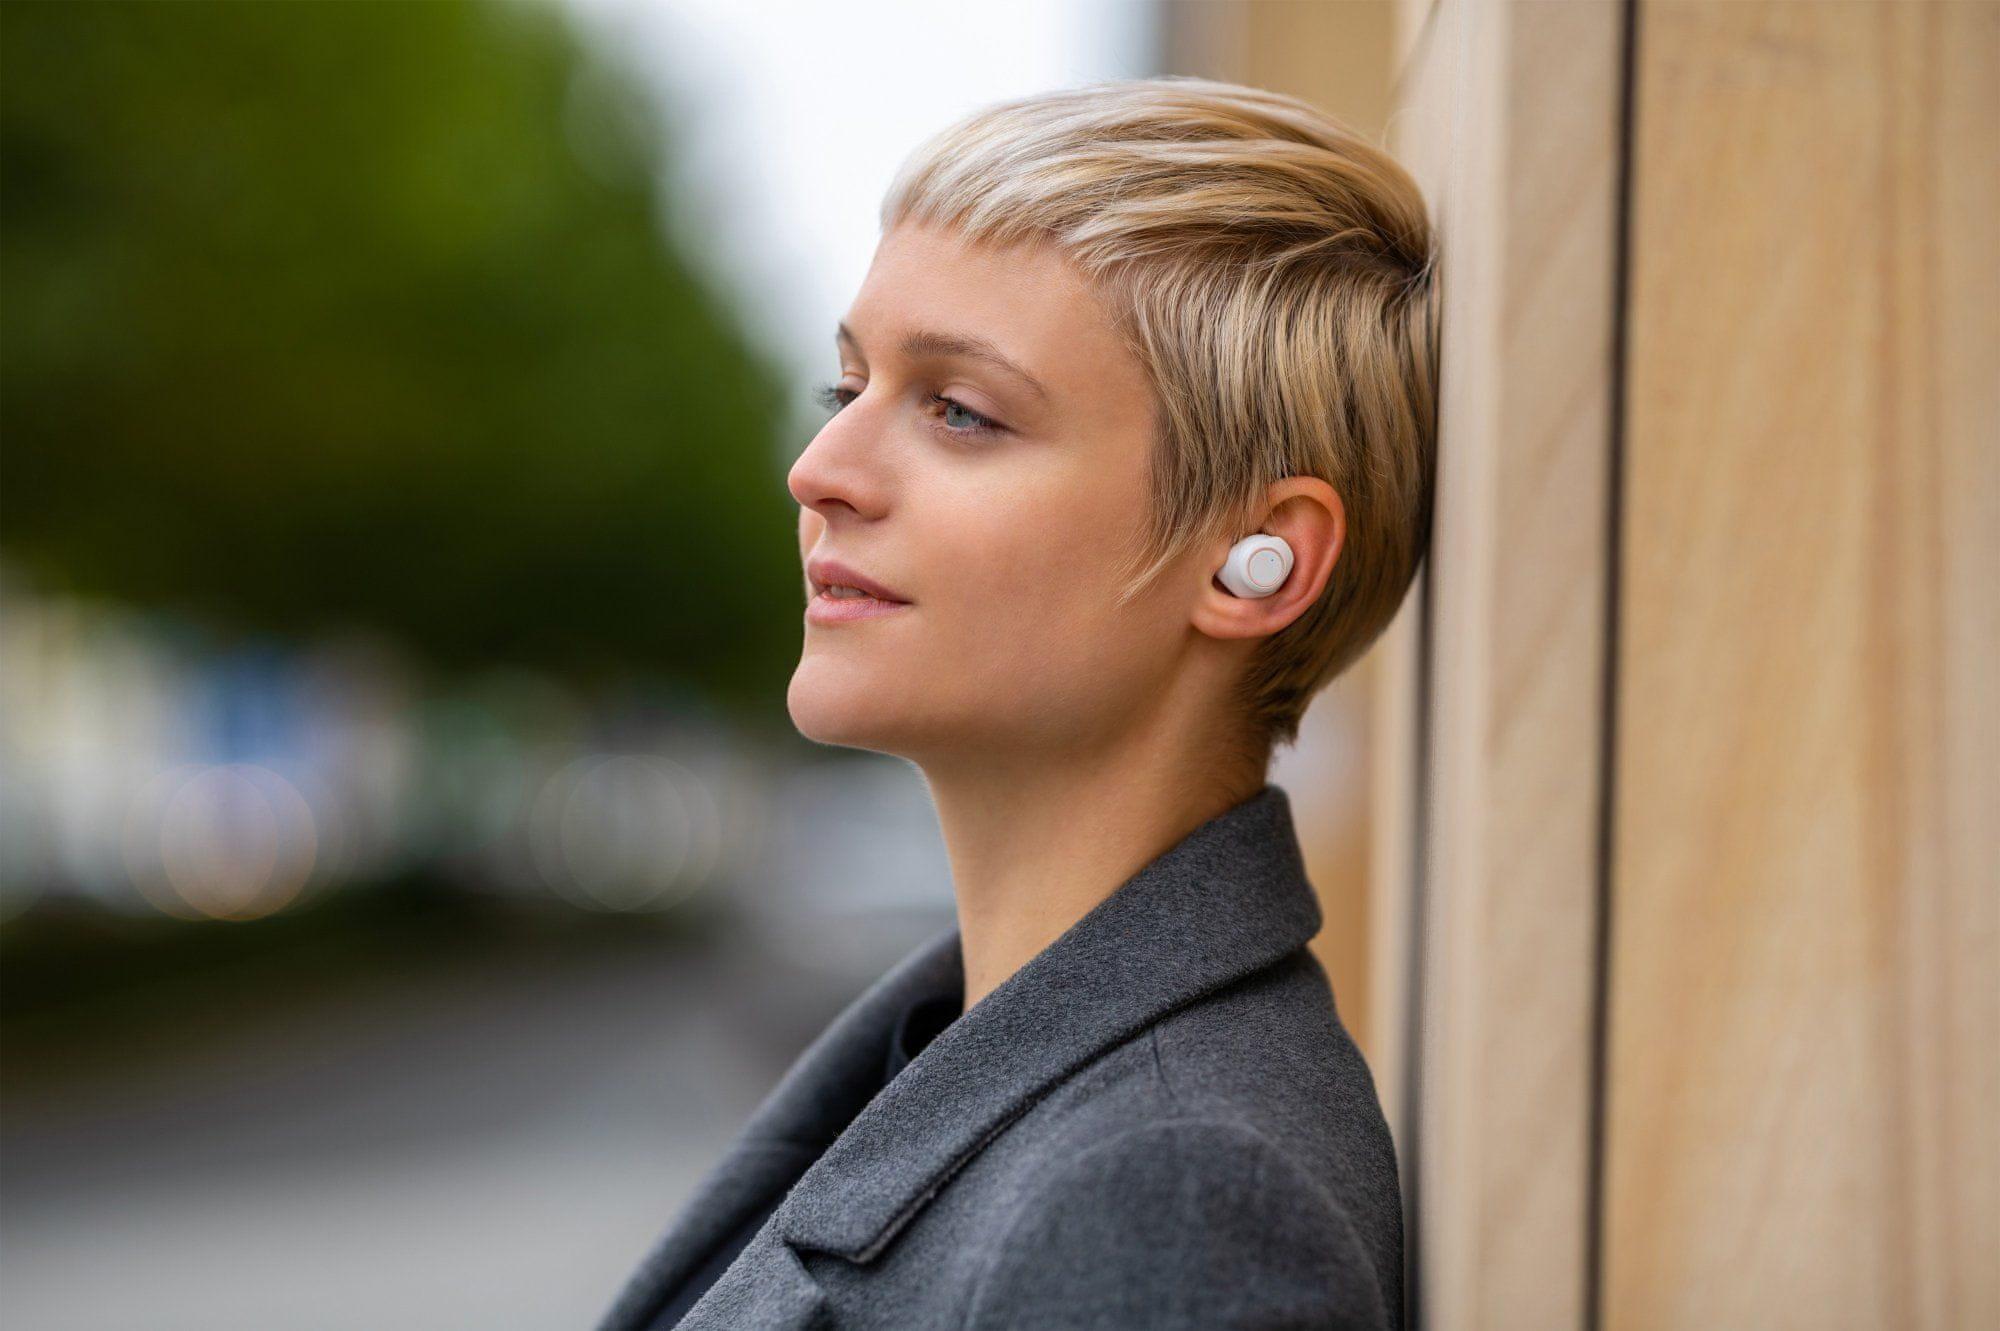 prenosné bezdrôtové slúchadlá niceboy hive drops fleur bluetooth 5.0 edr maxxbass technológie dotykové ovládanie autopárovanie ipx4 vodeodolná vyladený zvuk 6mm meniče 40mah batéria výdrž 3 h nabíjací box true wireless prevedenie